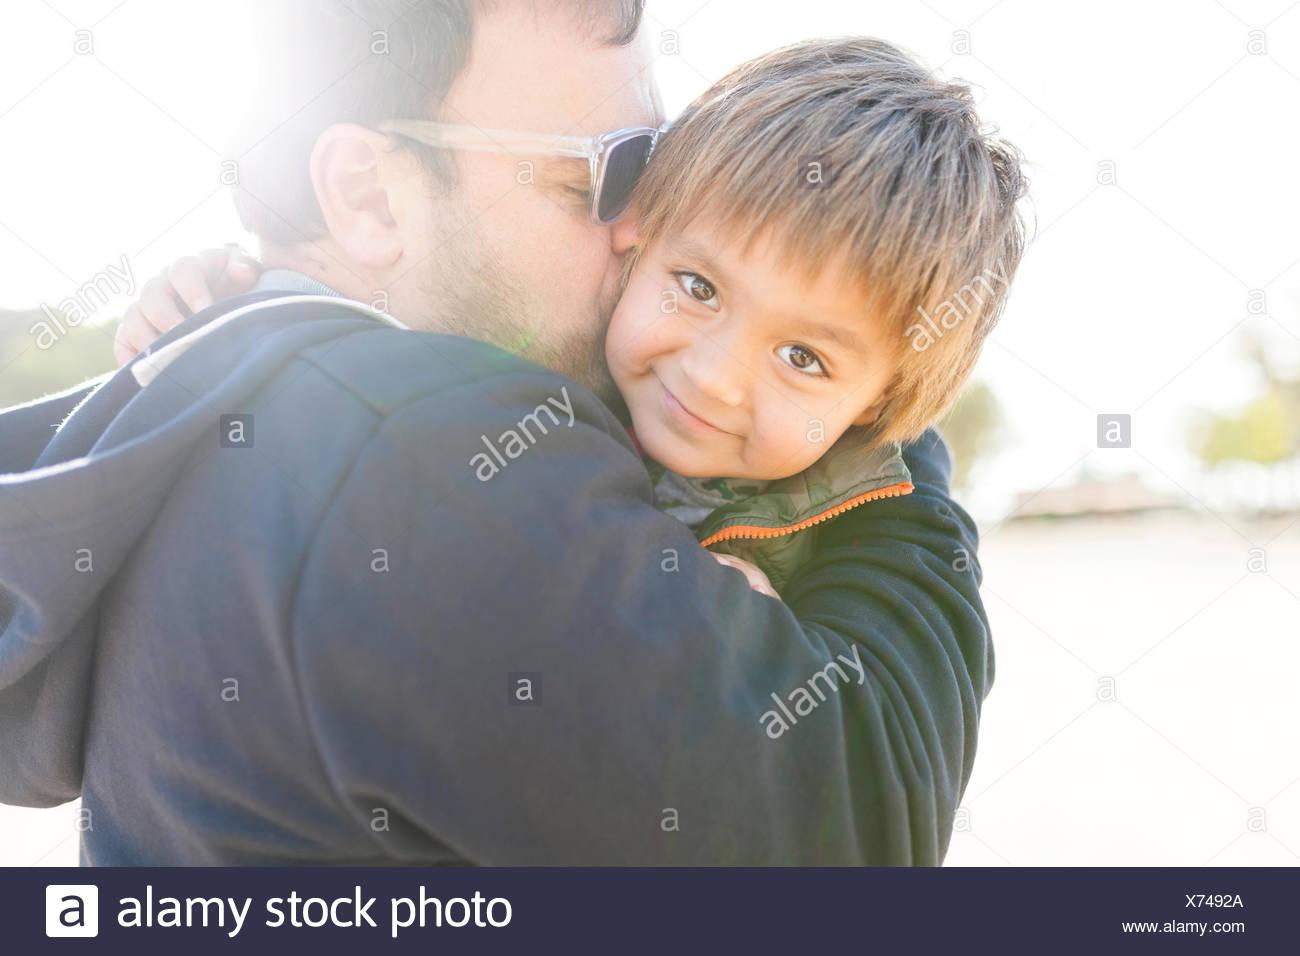 Ritratto di sorridente ragazzino abbracciando e baciando da suo padre Immagini Stock